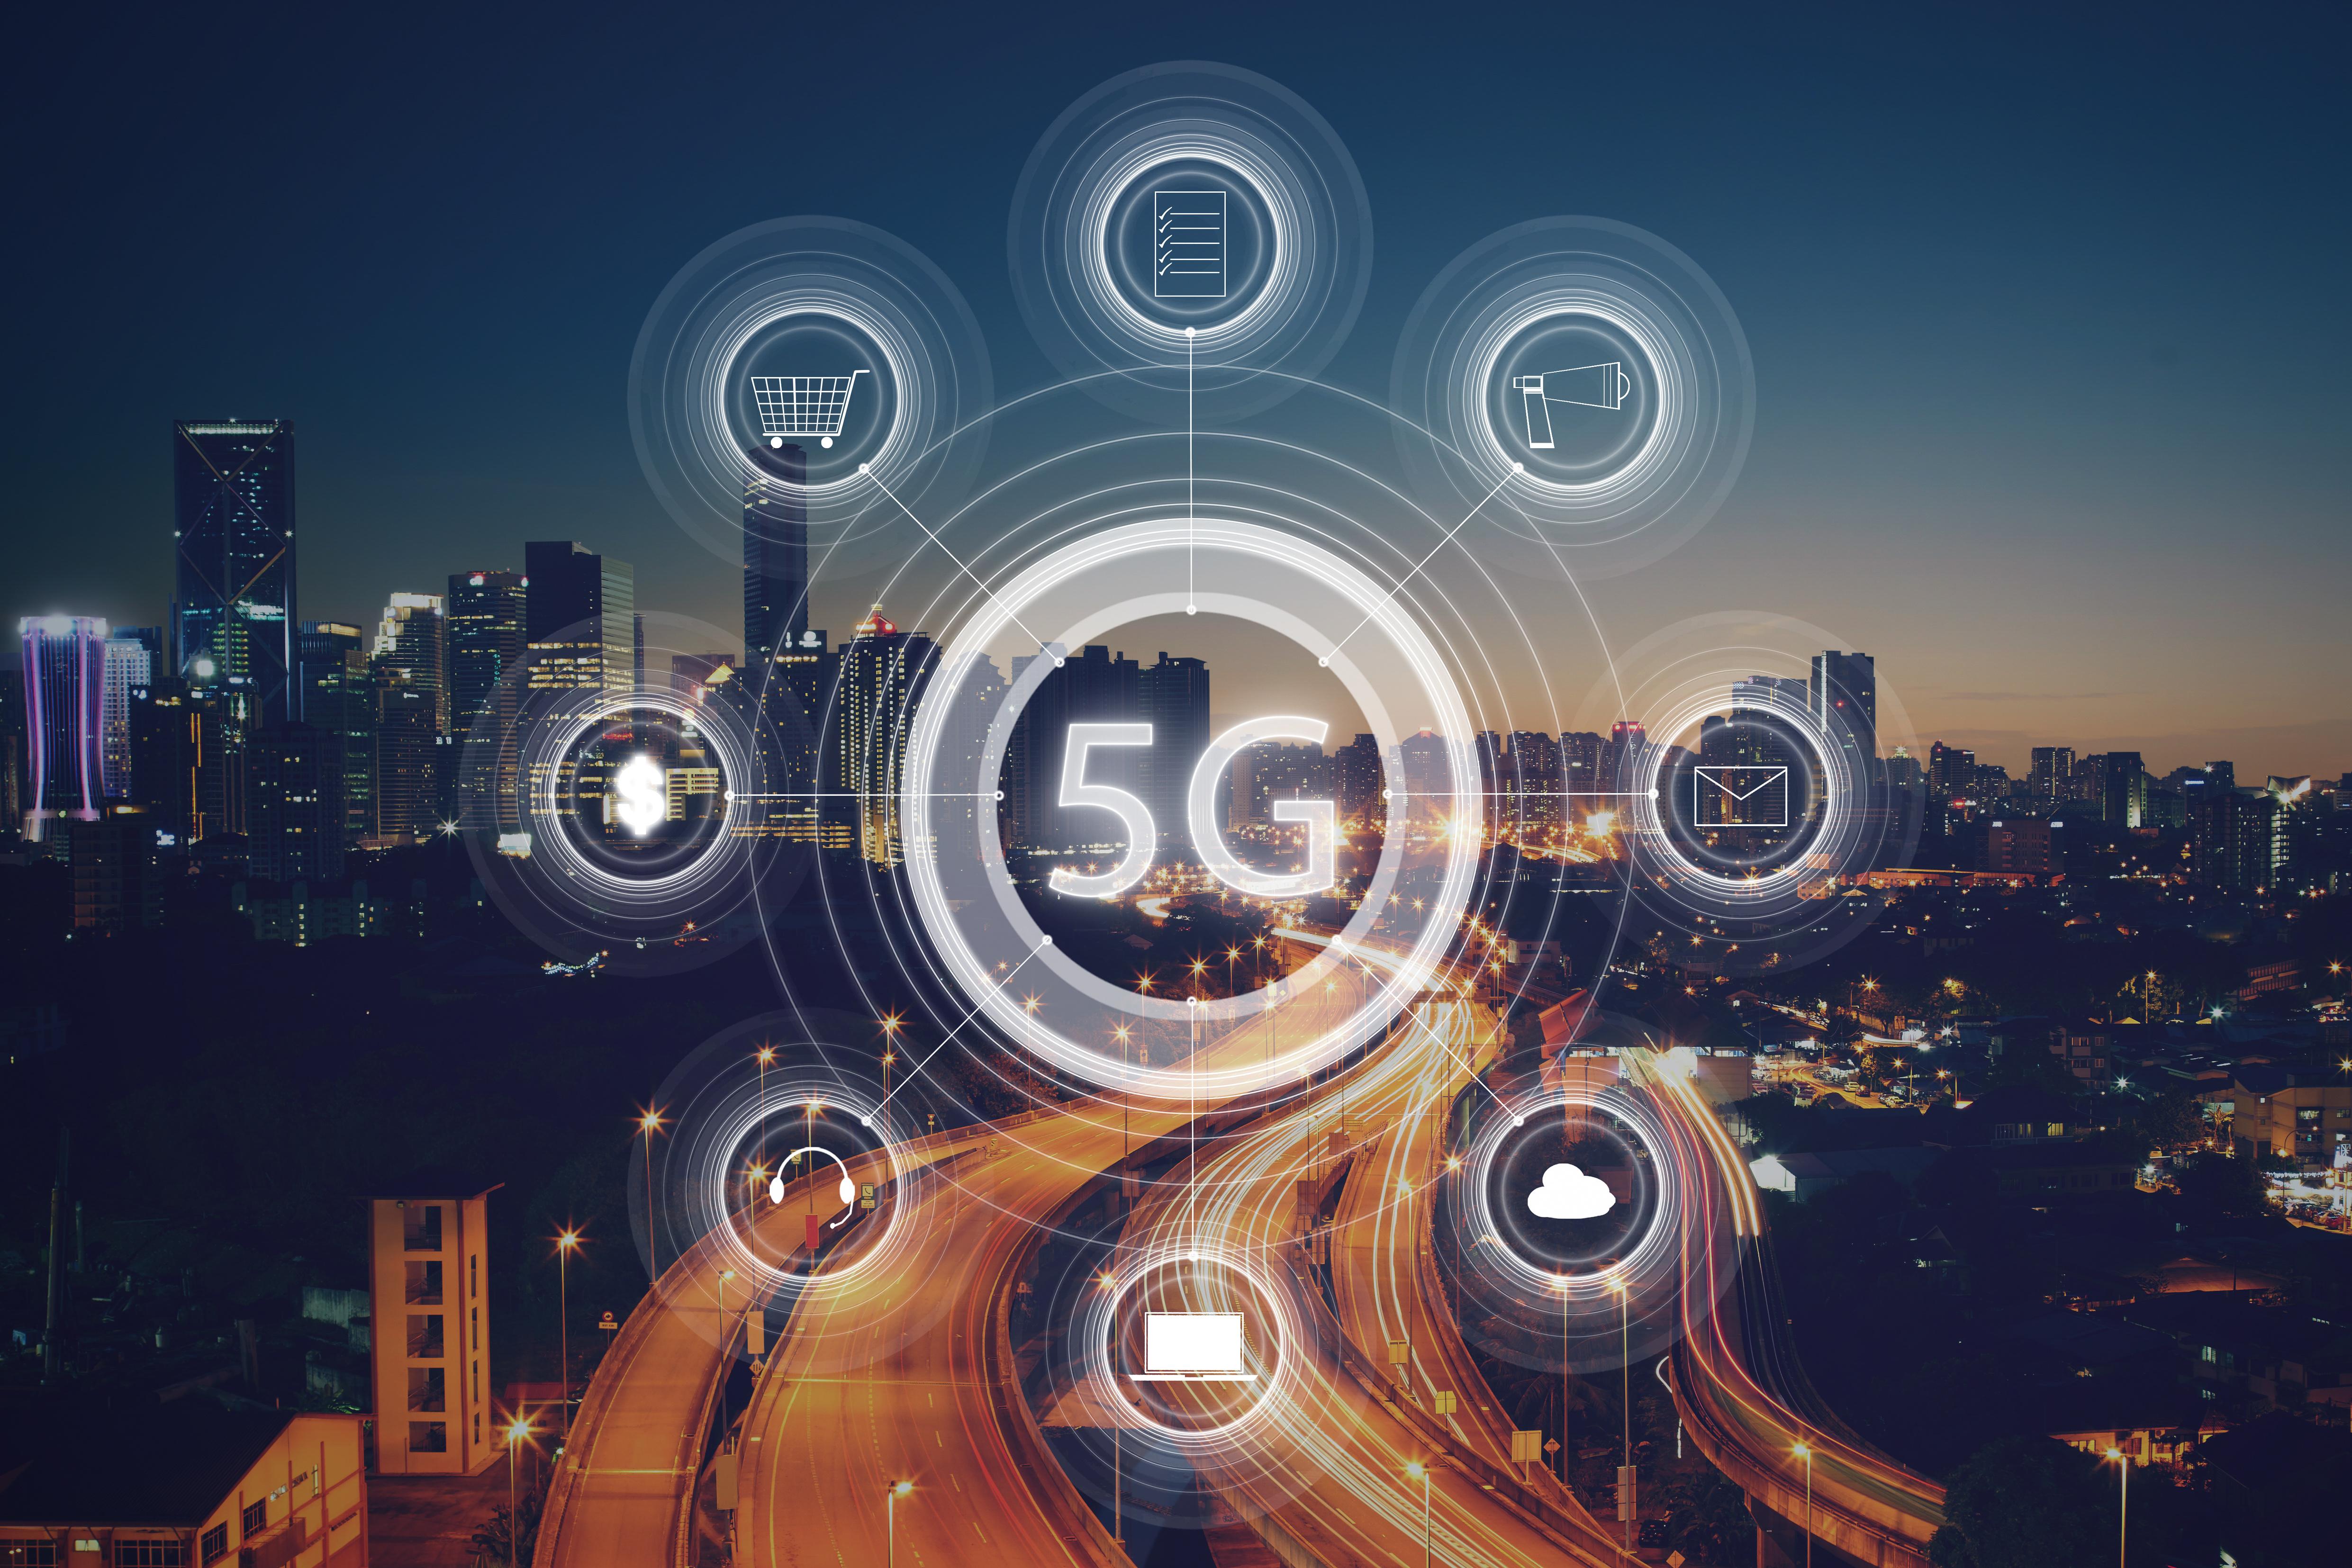 5G概念引领科技股行情 龙头股涨幅已接近4倍